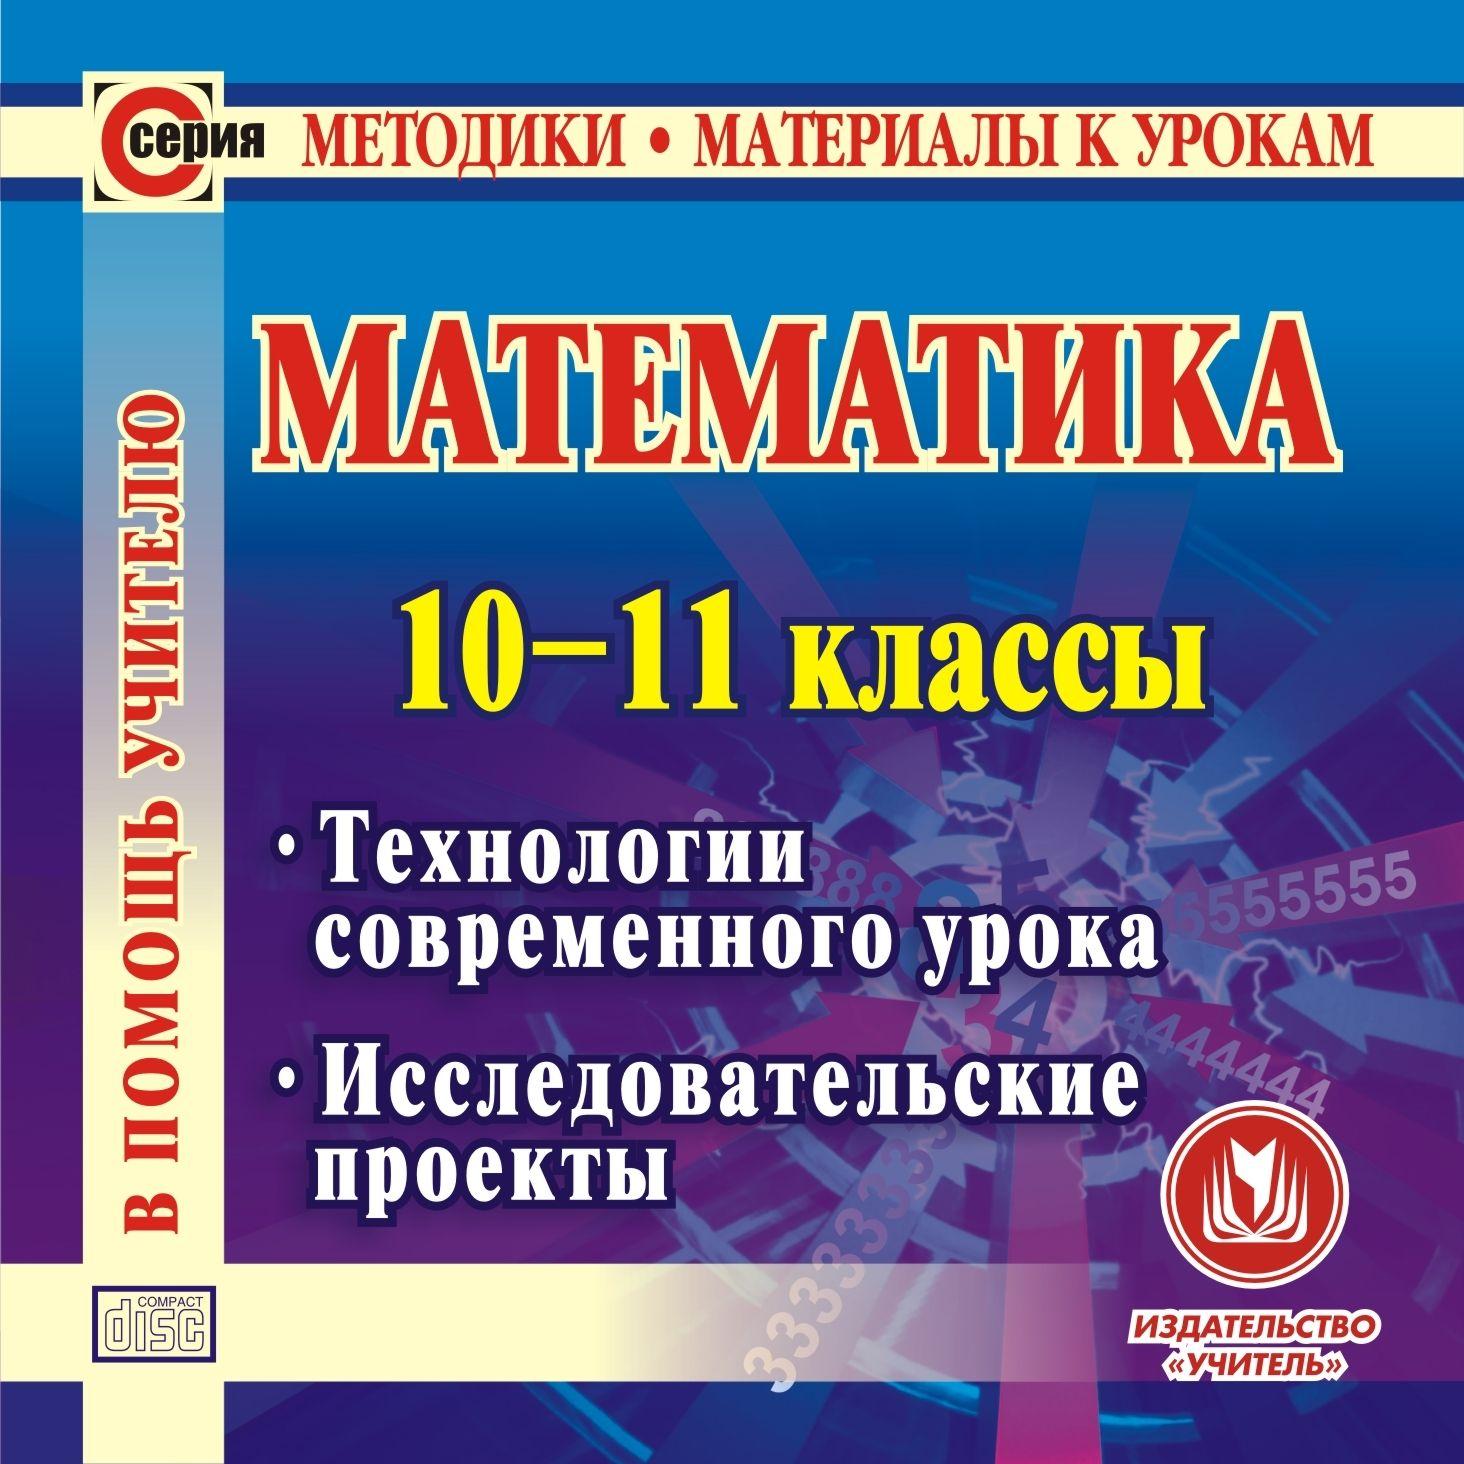 Математика. 10-11 классы. Компакт-диск для компьютера: Технологии современного урока. Исследовательские проекты.Предметы<br>Настоящее электронное пособие Математика. 10-11 классы  предназначено преподавателям алгебры и геометрии для расширения теоретических и практических знаний учащихся. Информационно-методические материалы и рекомендации помогут улучшить организацию соврем...<br><br>Авторы: др., Лепёхин Ю. В., Куканов М. А.<br>Год: 2011<br>Серия: Методики. Материалы к урокам<br>Высота: 125<br>Ширина: 141<br>Толщина: 10